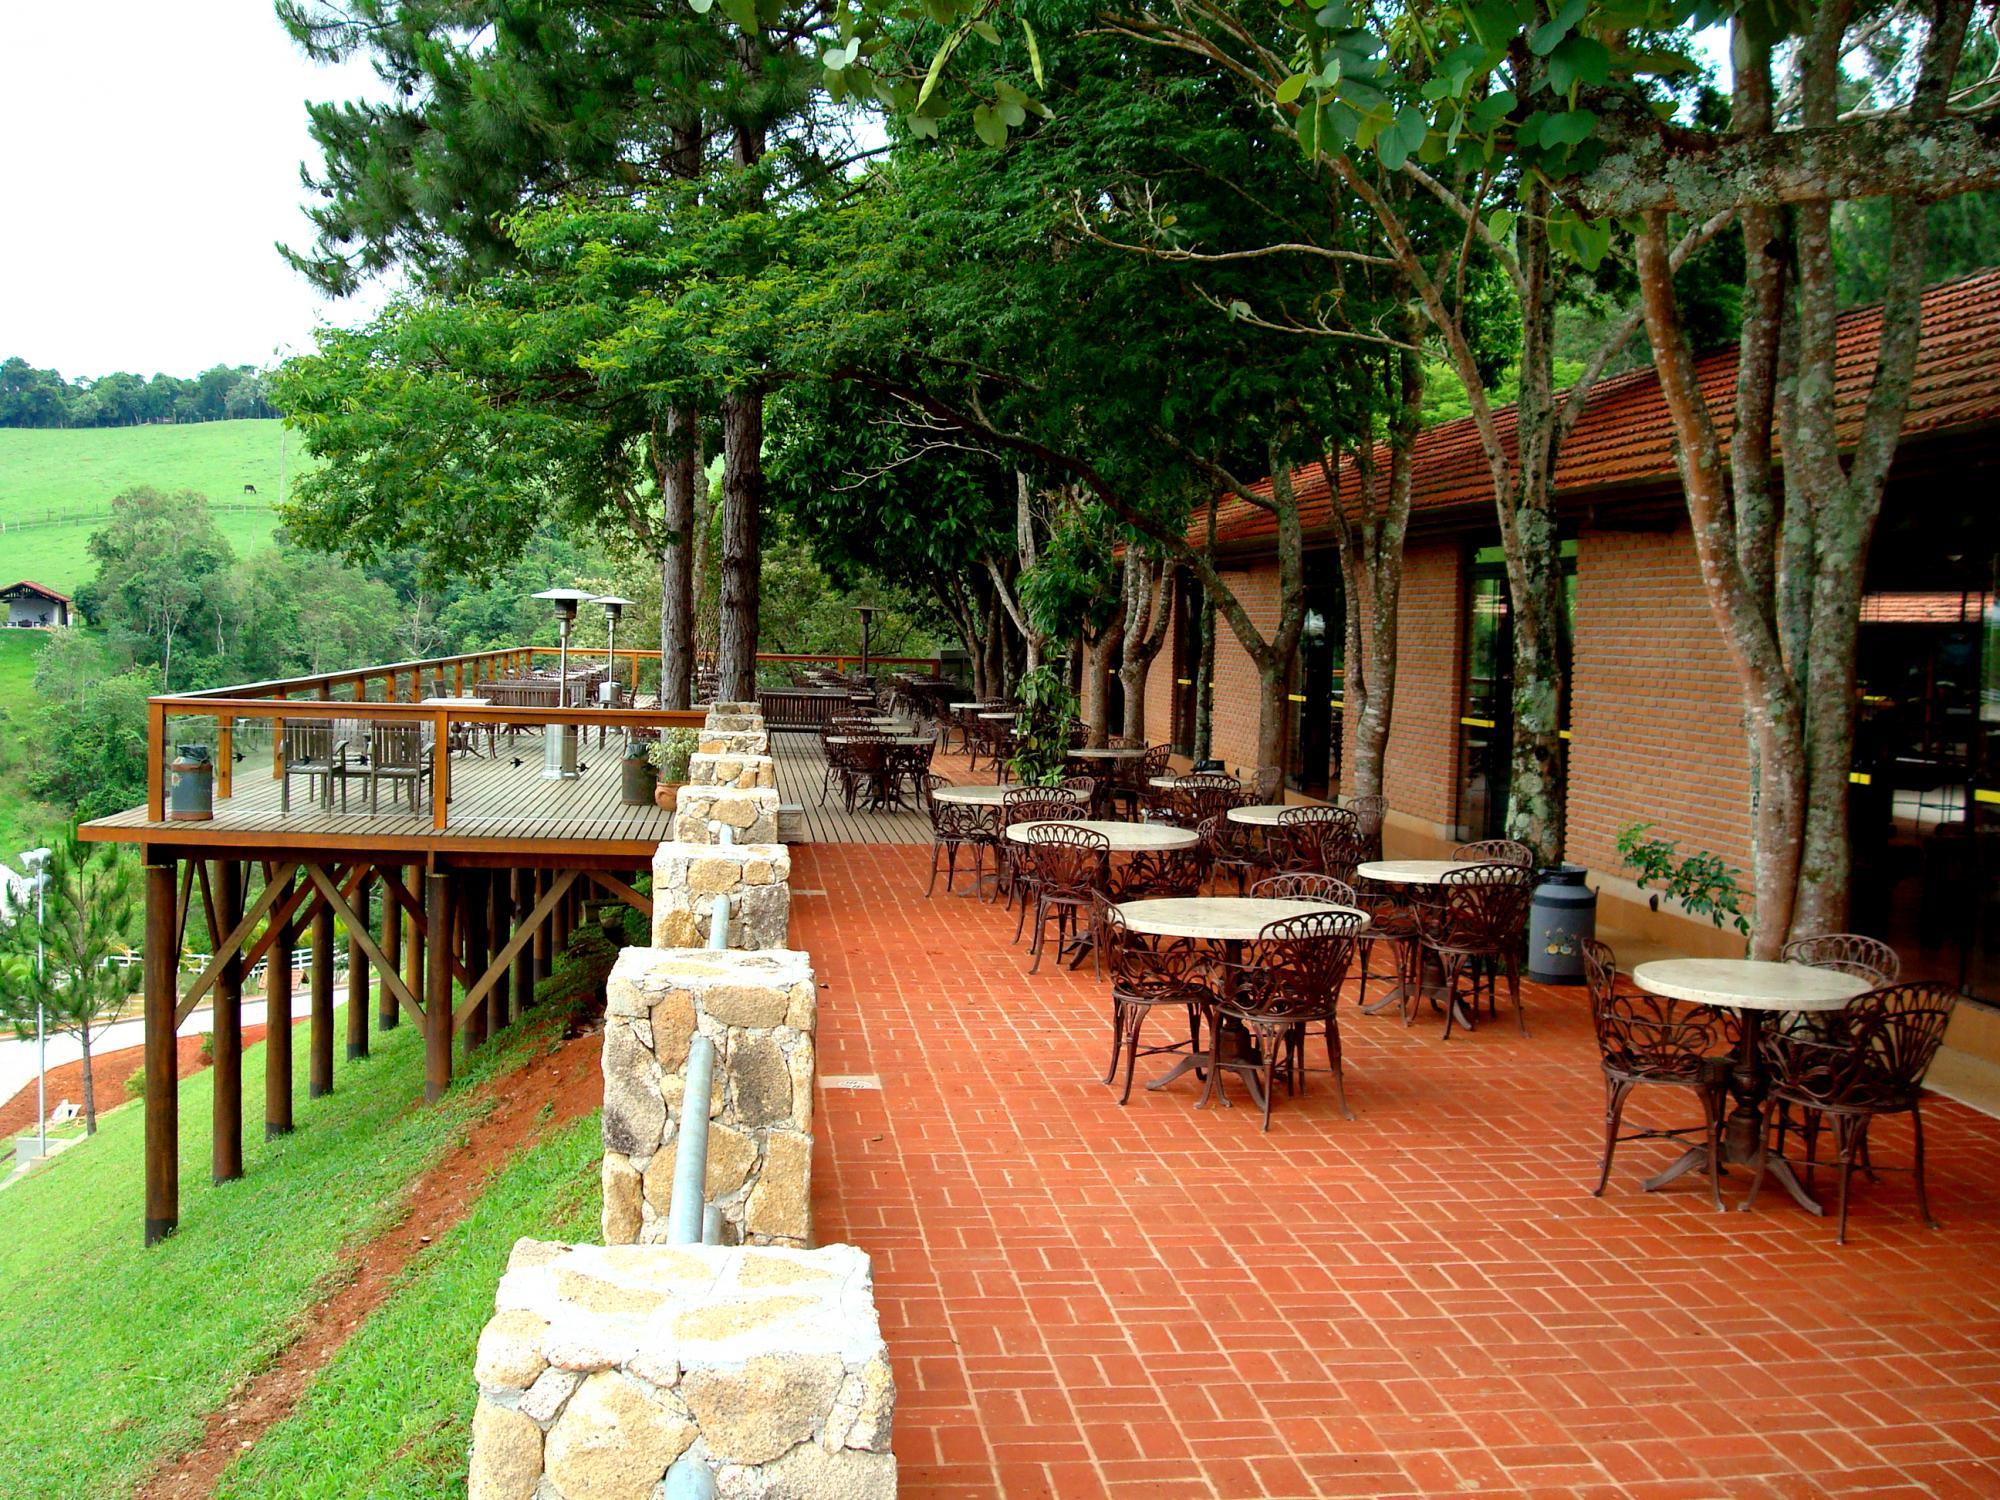 Férias de verão: uma experiência divertida e segura para famílias com crianças no Hotel Estância Atibainha Resort & Convention (SP)